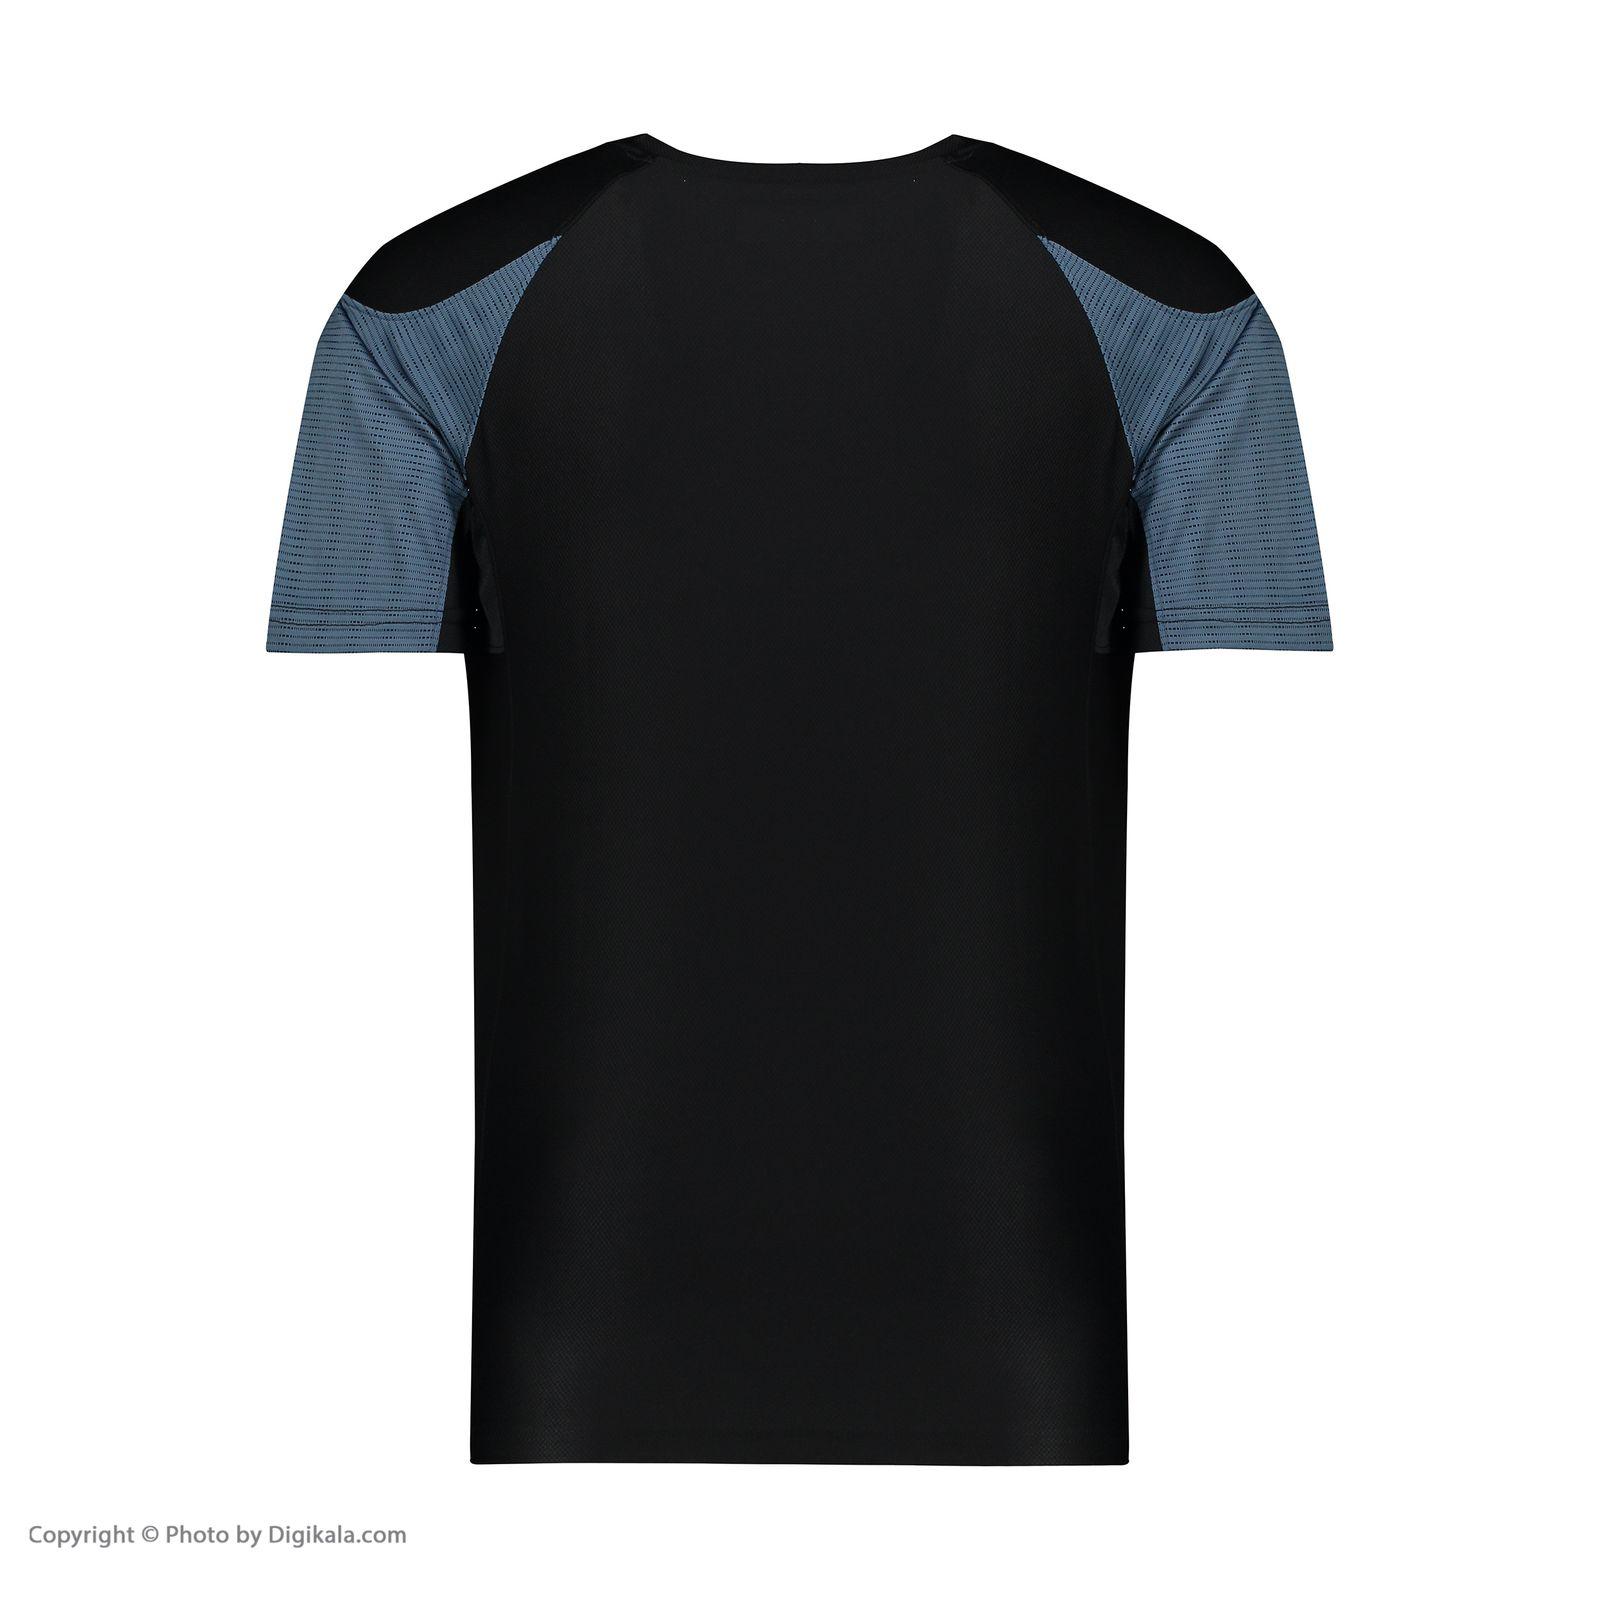 تی شرت مردانه مل اند موژ کد M06296-104 -  - 2